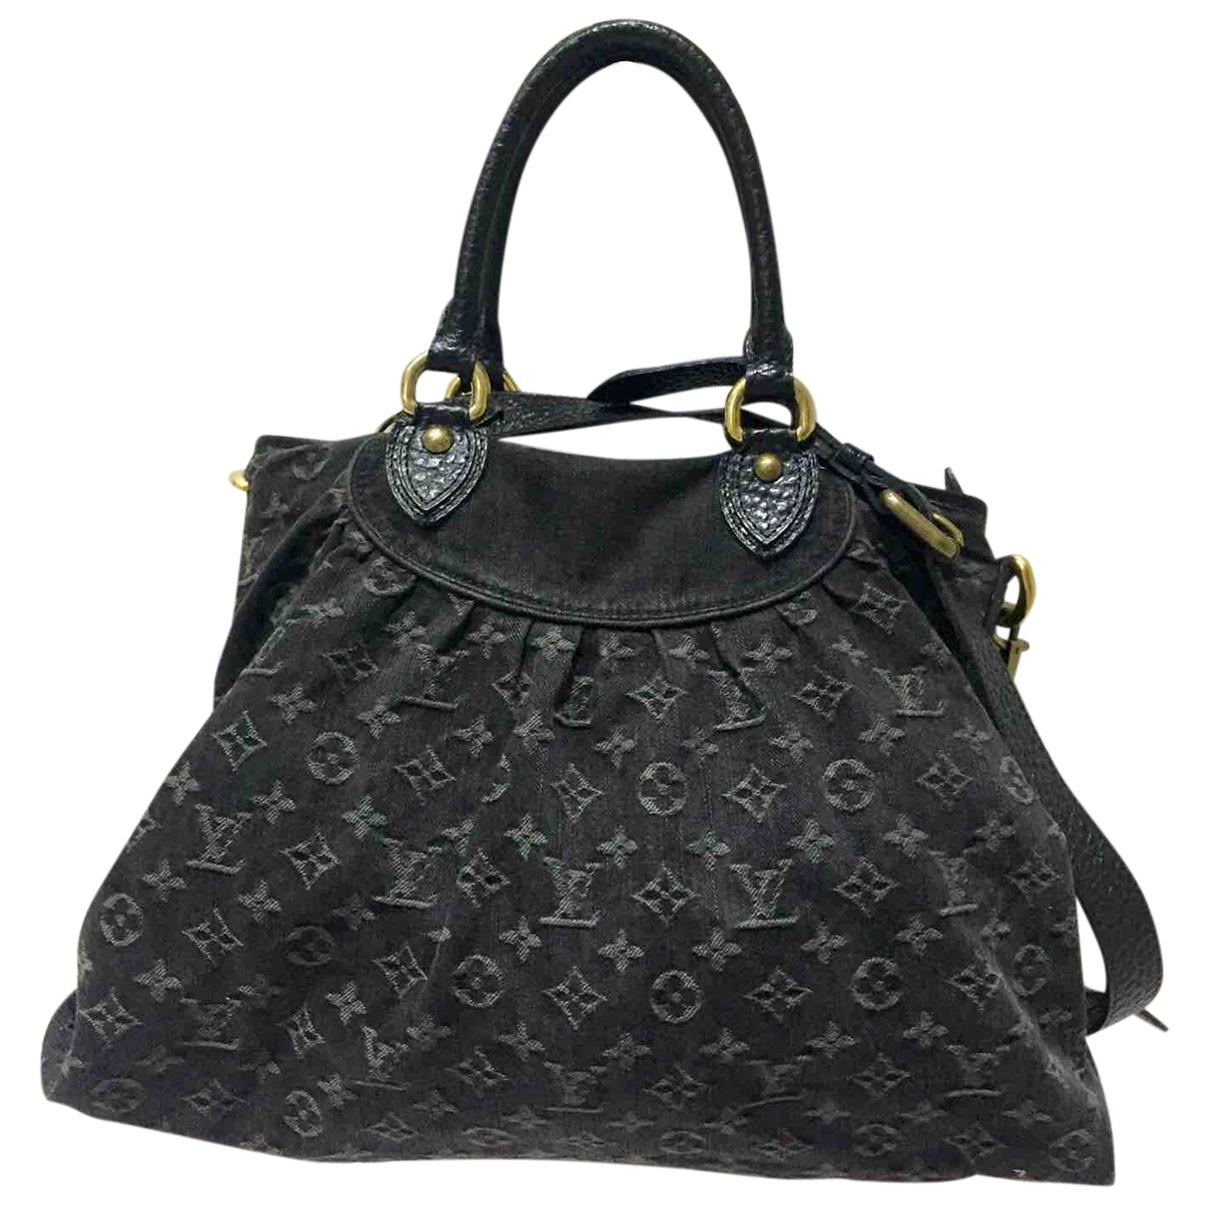 Louis Vuitton - Sac a main   pour femme en denim - noir